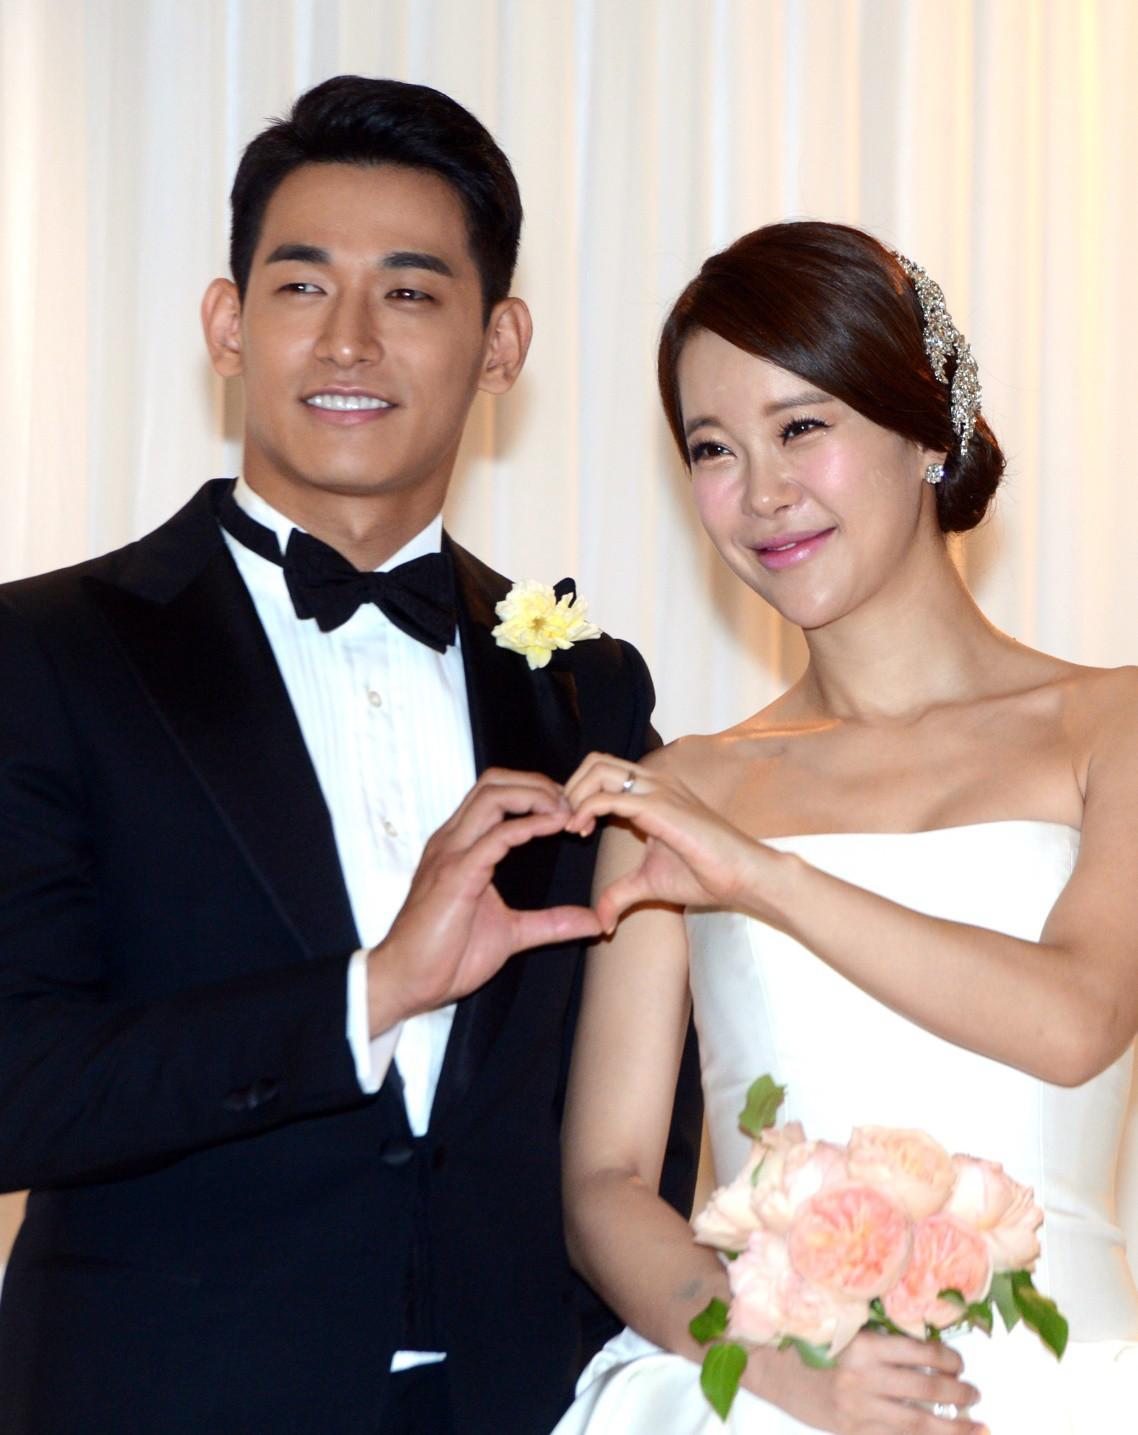 """Chồng trẻ của """"nữ hoàng nhạc phim"""" Hàn Quốc bị bắt khẩn cấp - hình ảnh 3"""